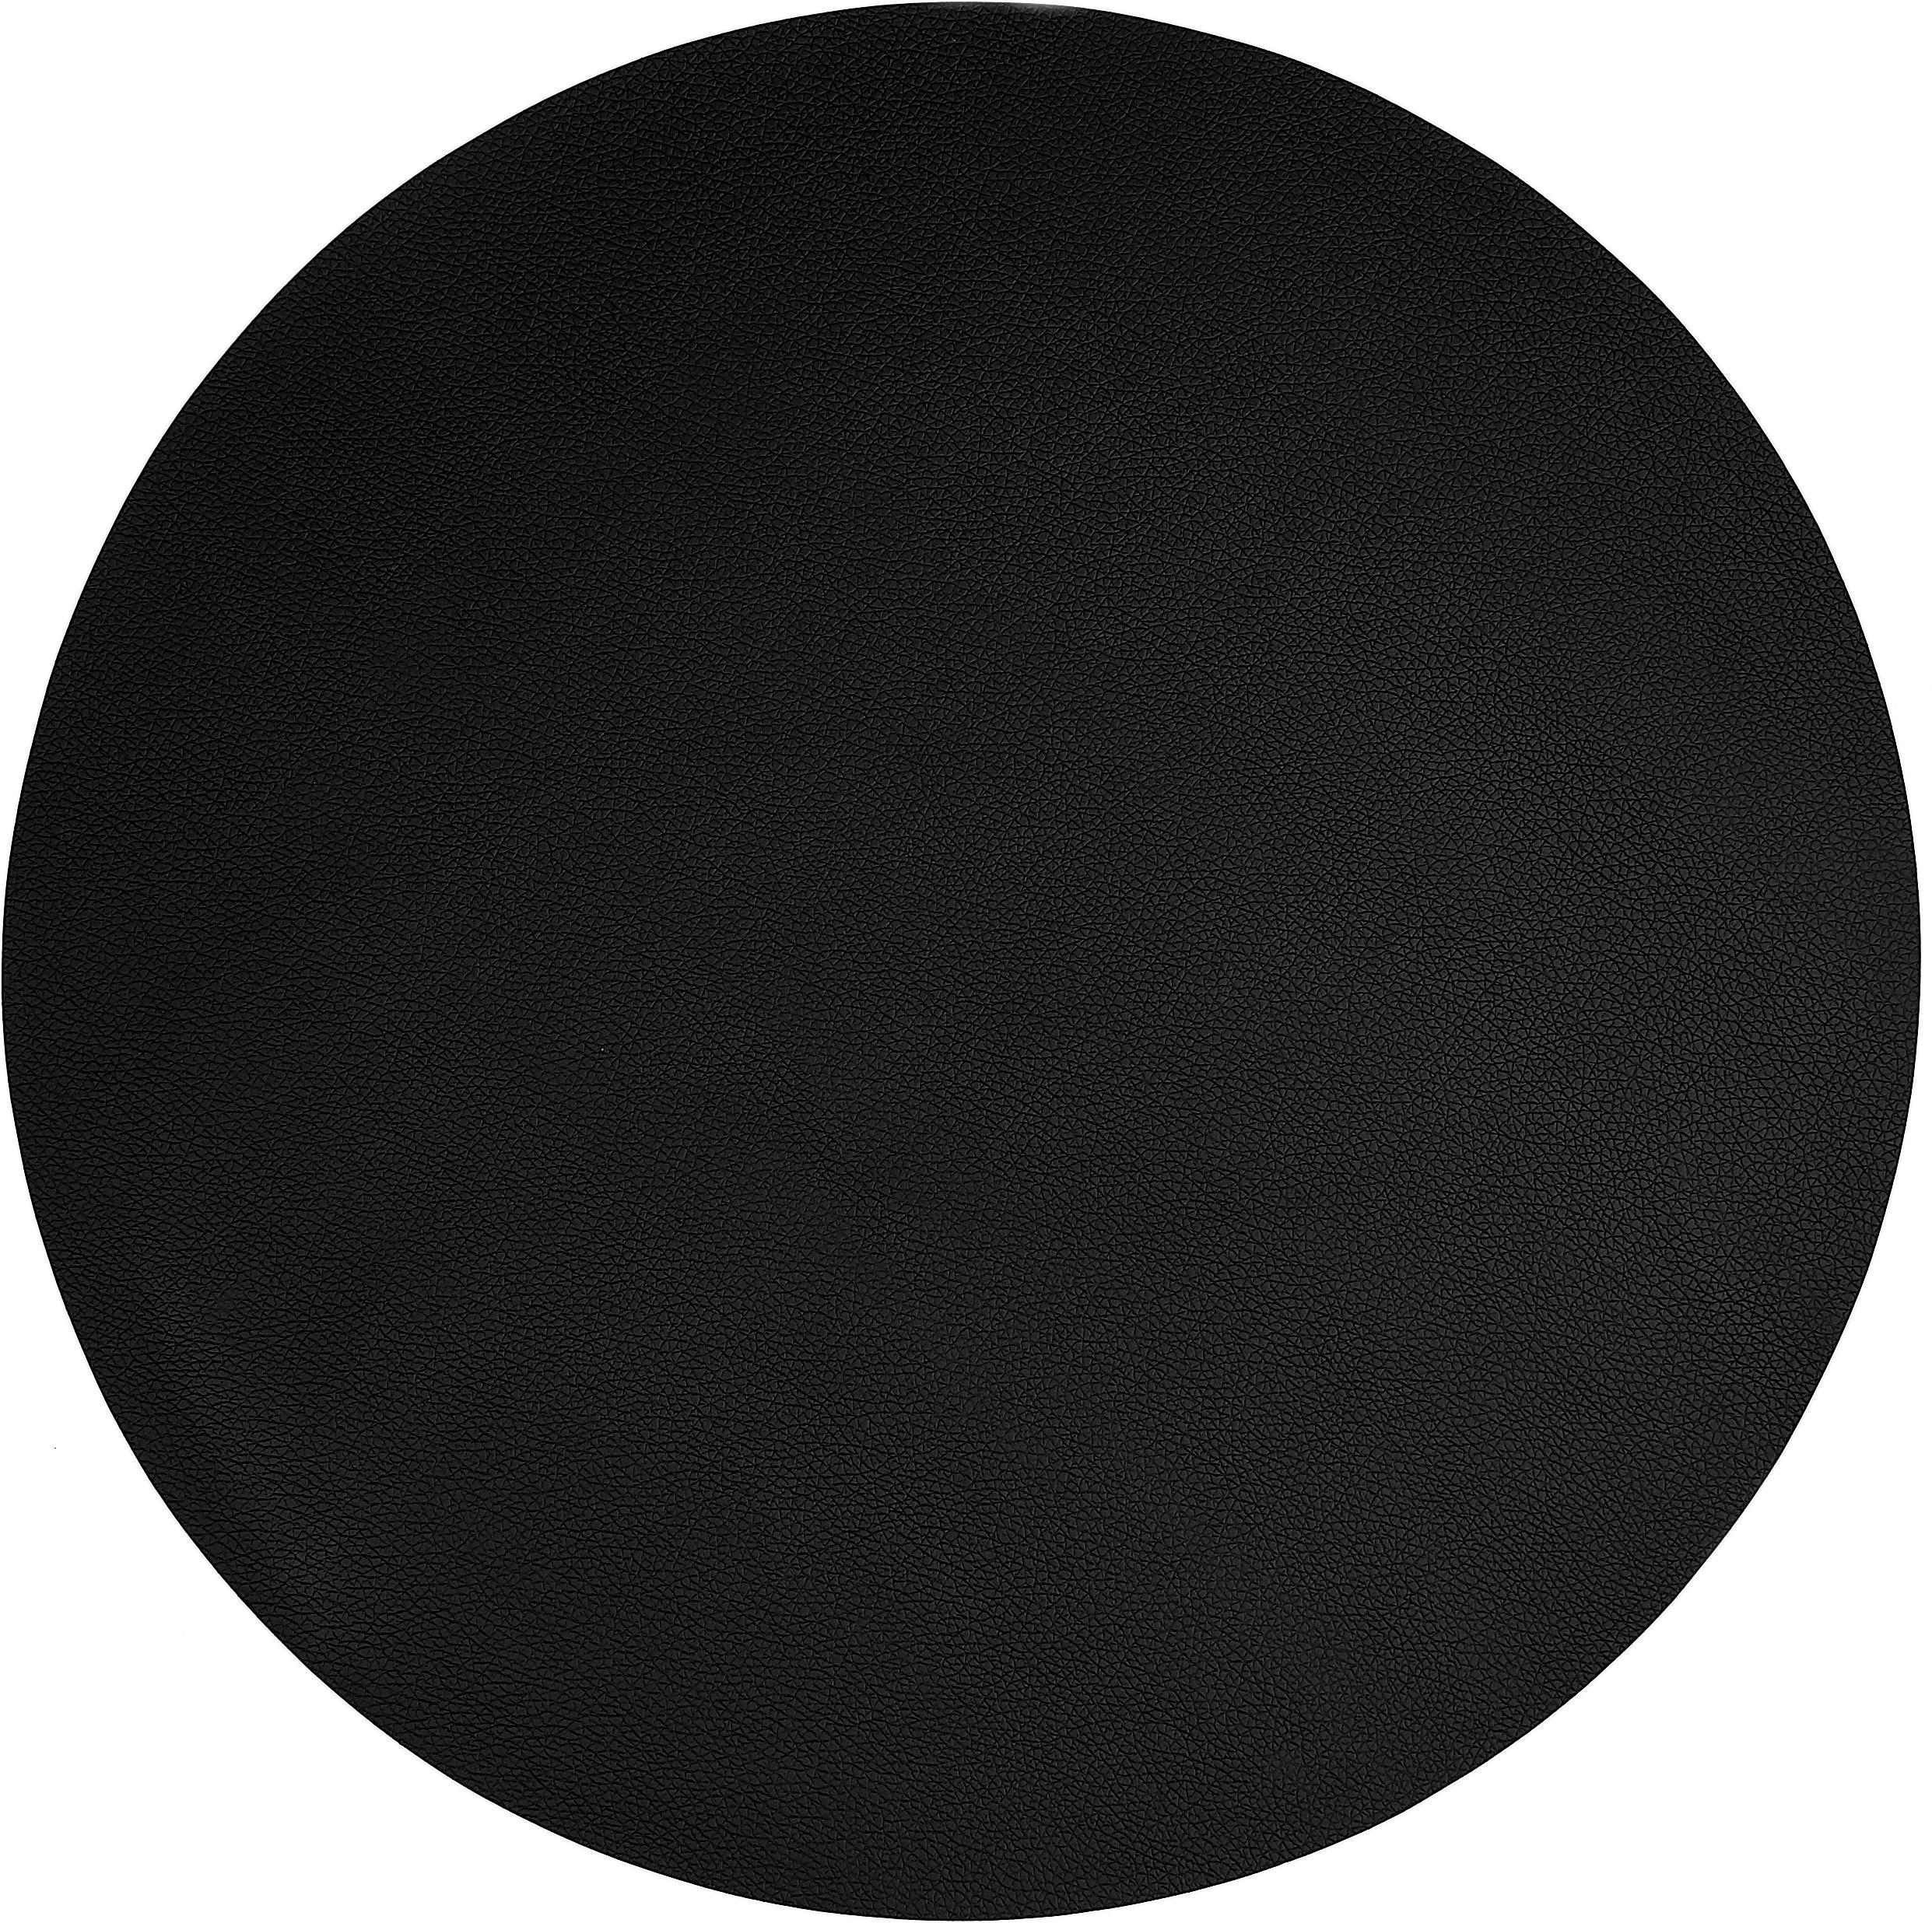 Ronde kunstleren placemats Asia, 2 stuks, Kunstleer (PVC), Zwart, Ø 38 cm